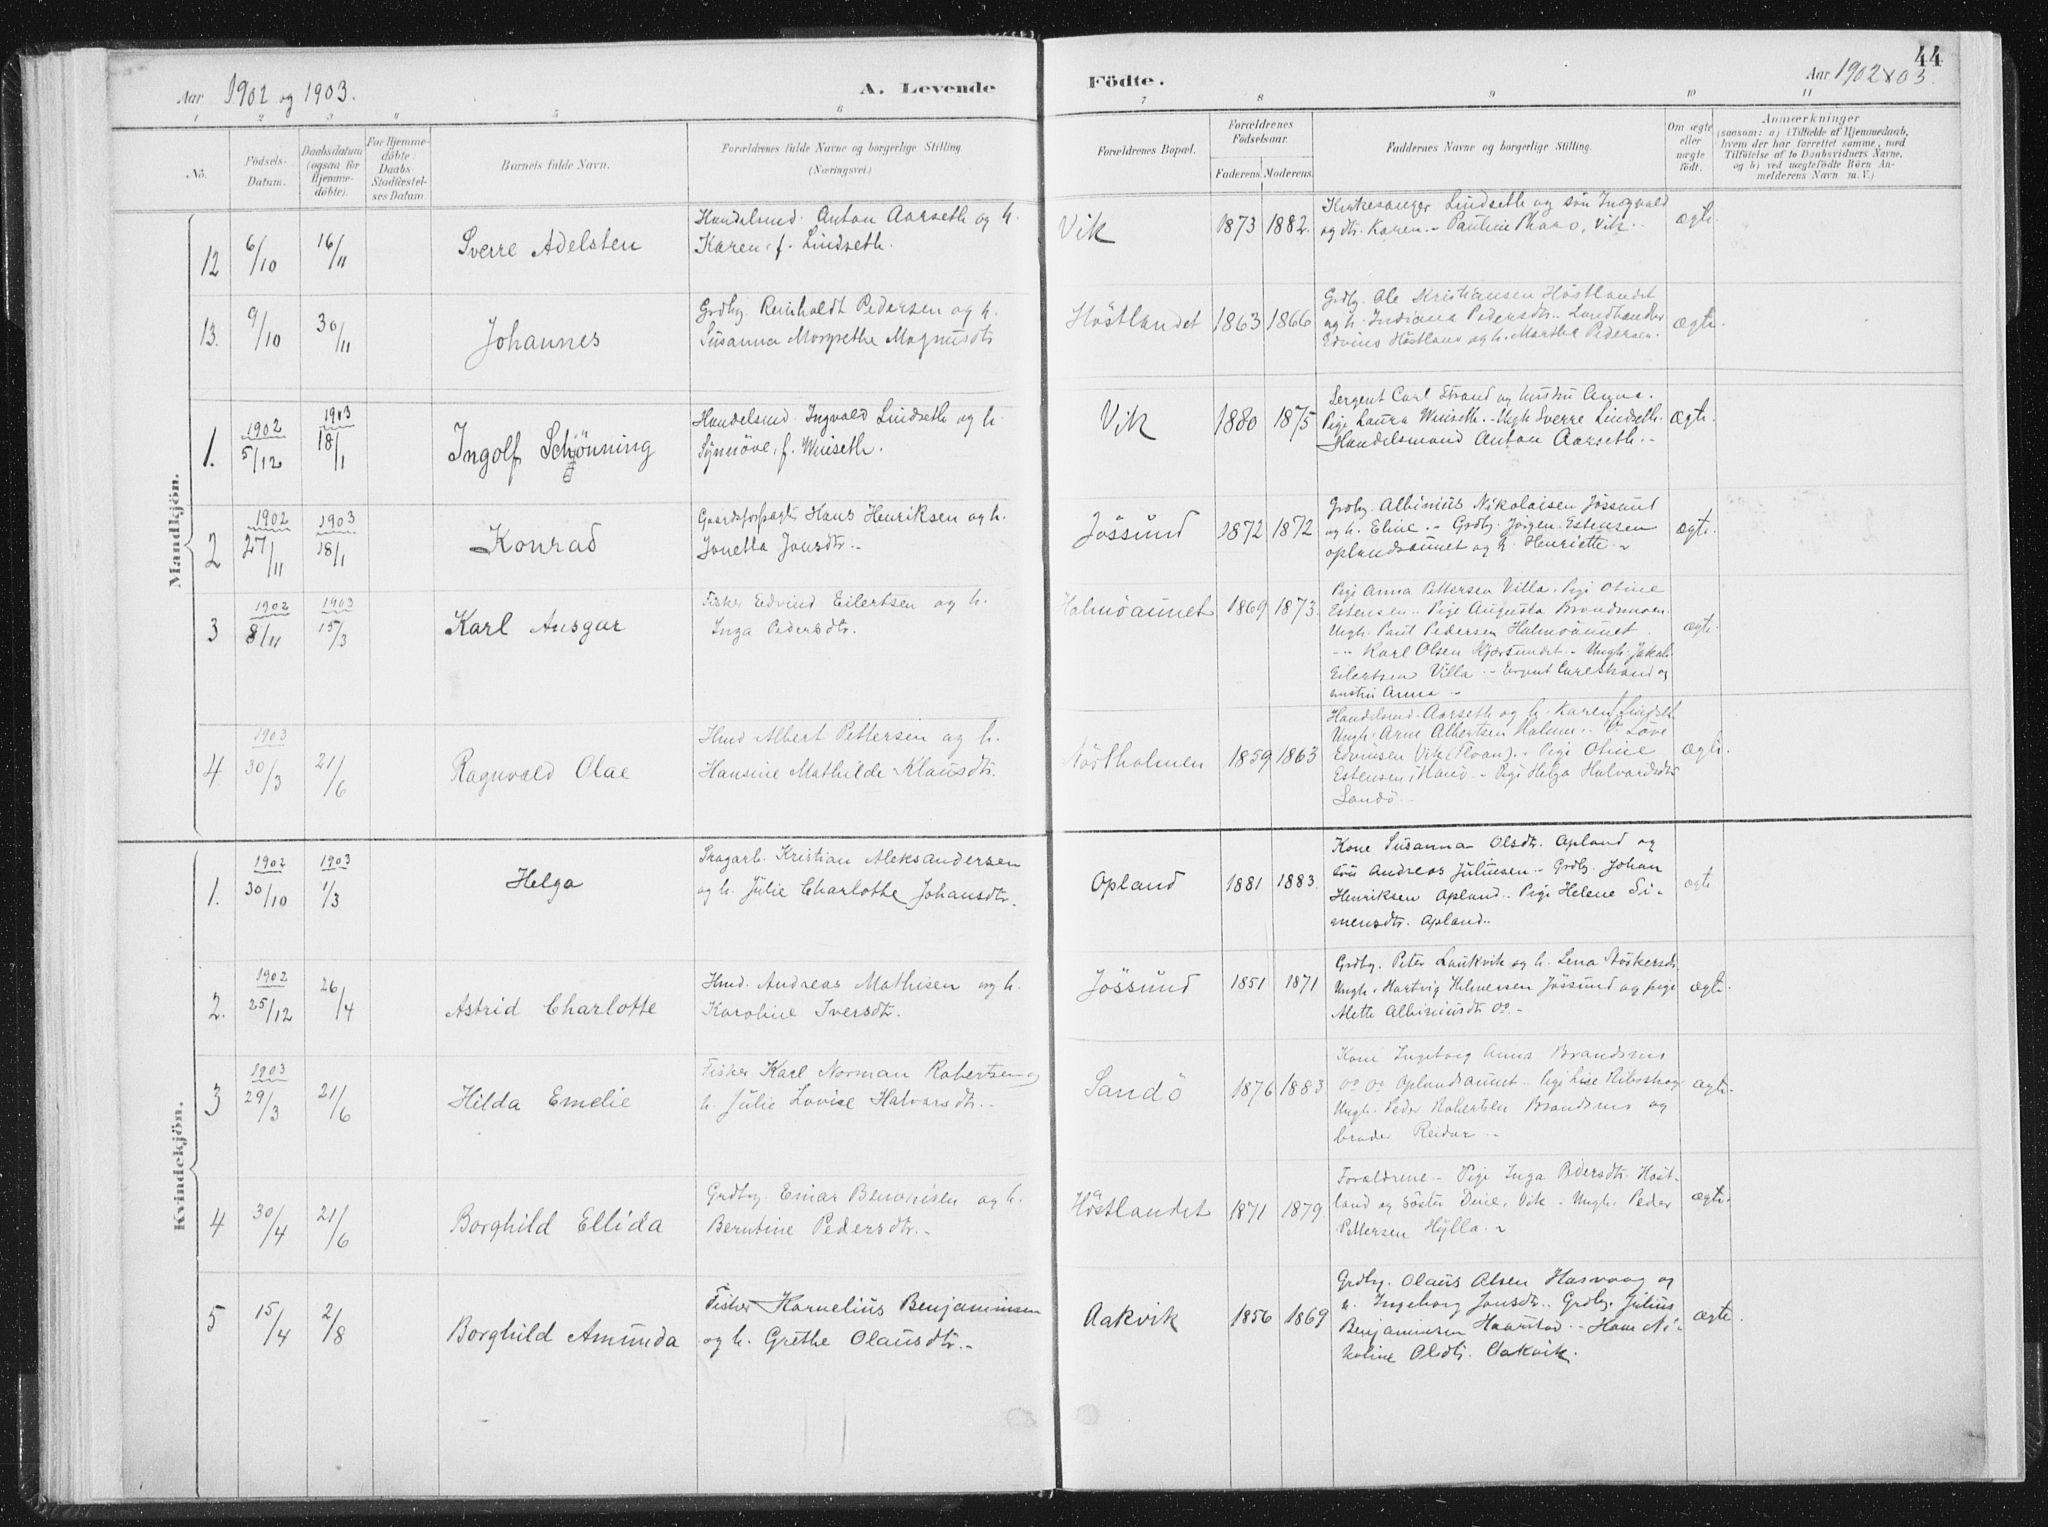 SAT, Ministerialprotokoller, klokkerbøker og fødselsregistre - Nord-Trøndelag, 771/L0597: Ministerialbok nr. 771A04, 1885-1910, s. 44